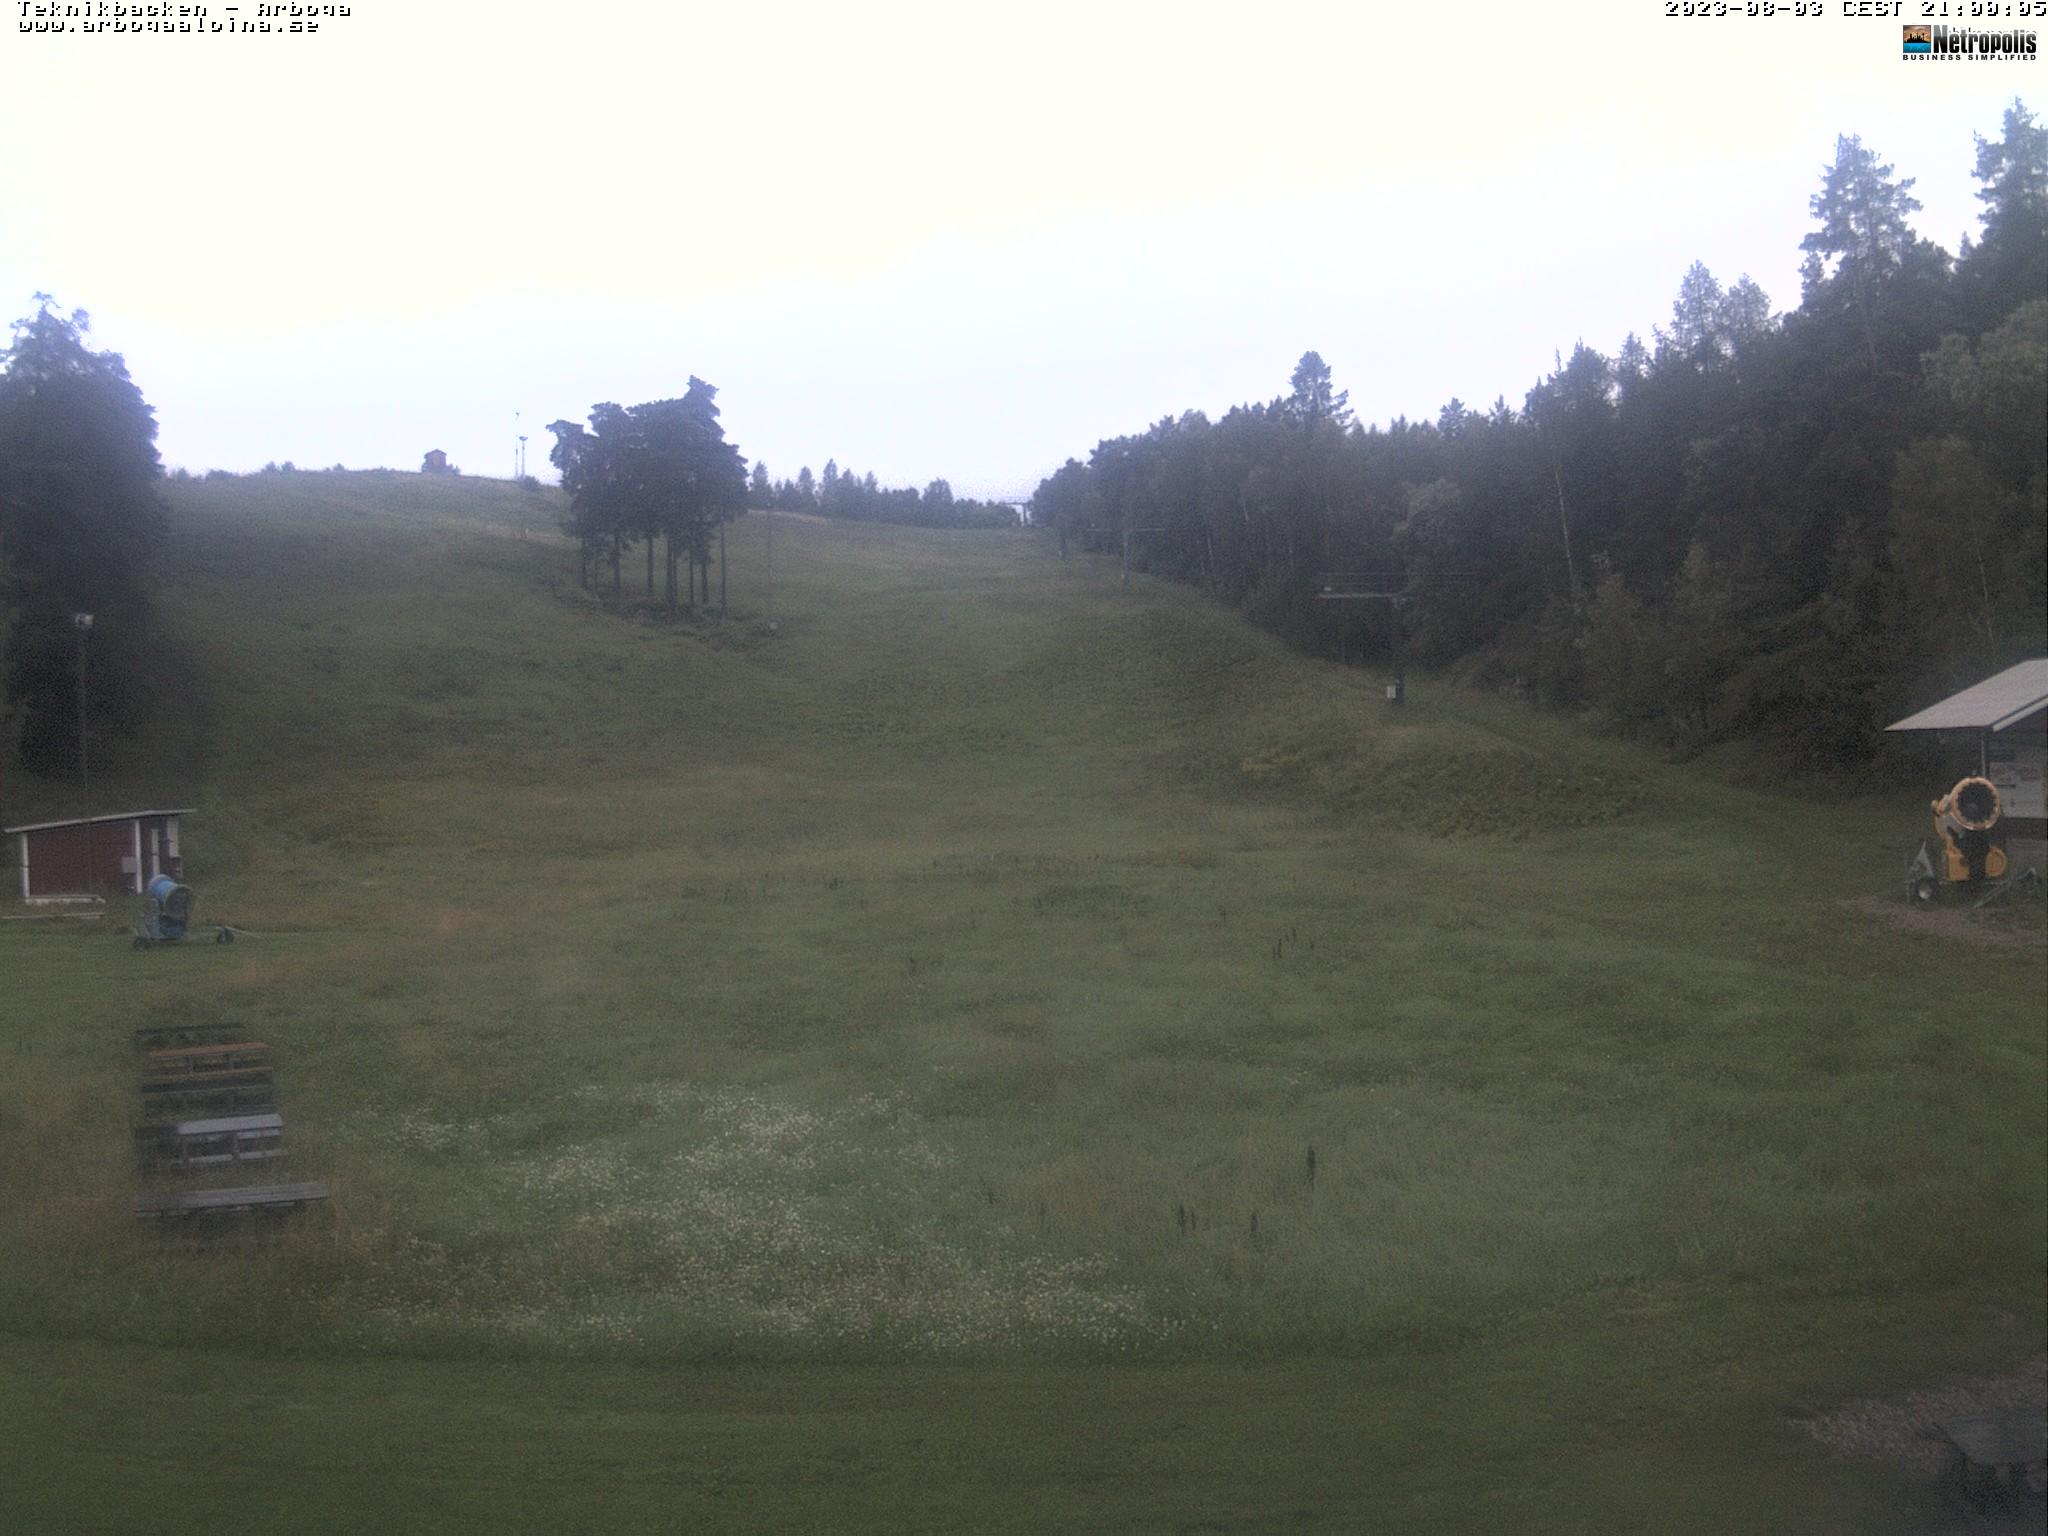 Bildväder från Teknikbacken i Arboga